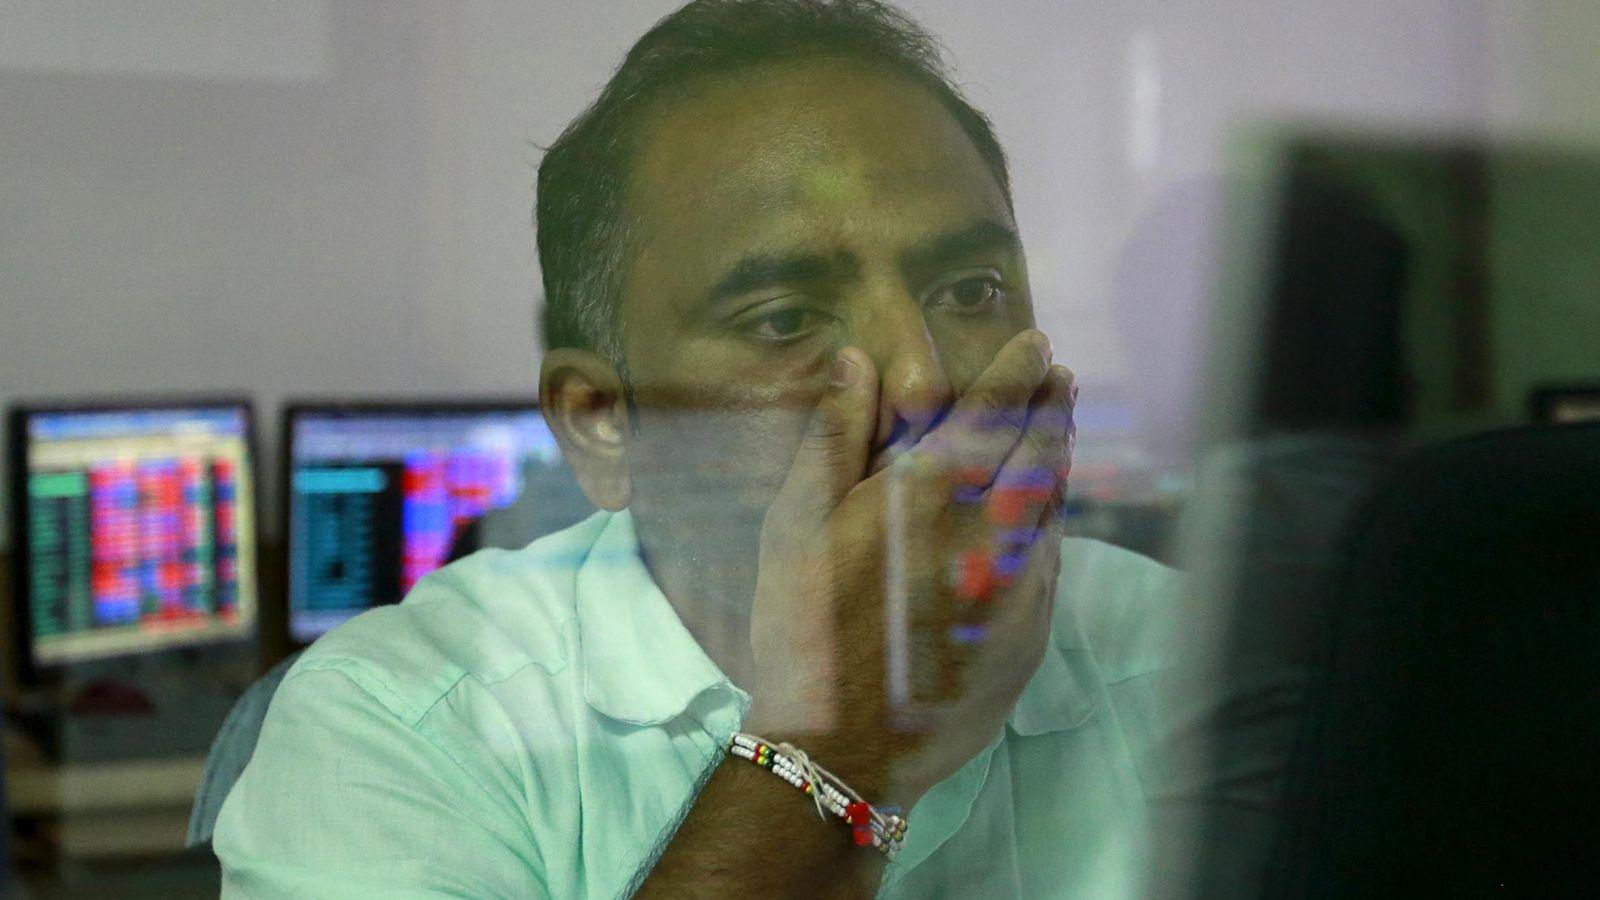 Foto: Un inversor mira con preocupación las pantallas de cotizaciones en India. (EFE)